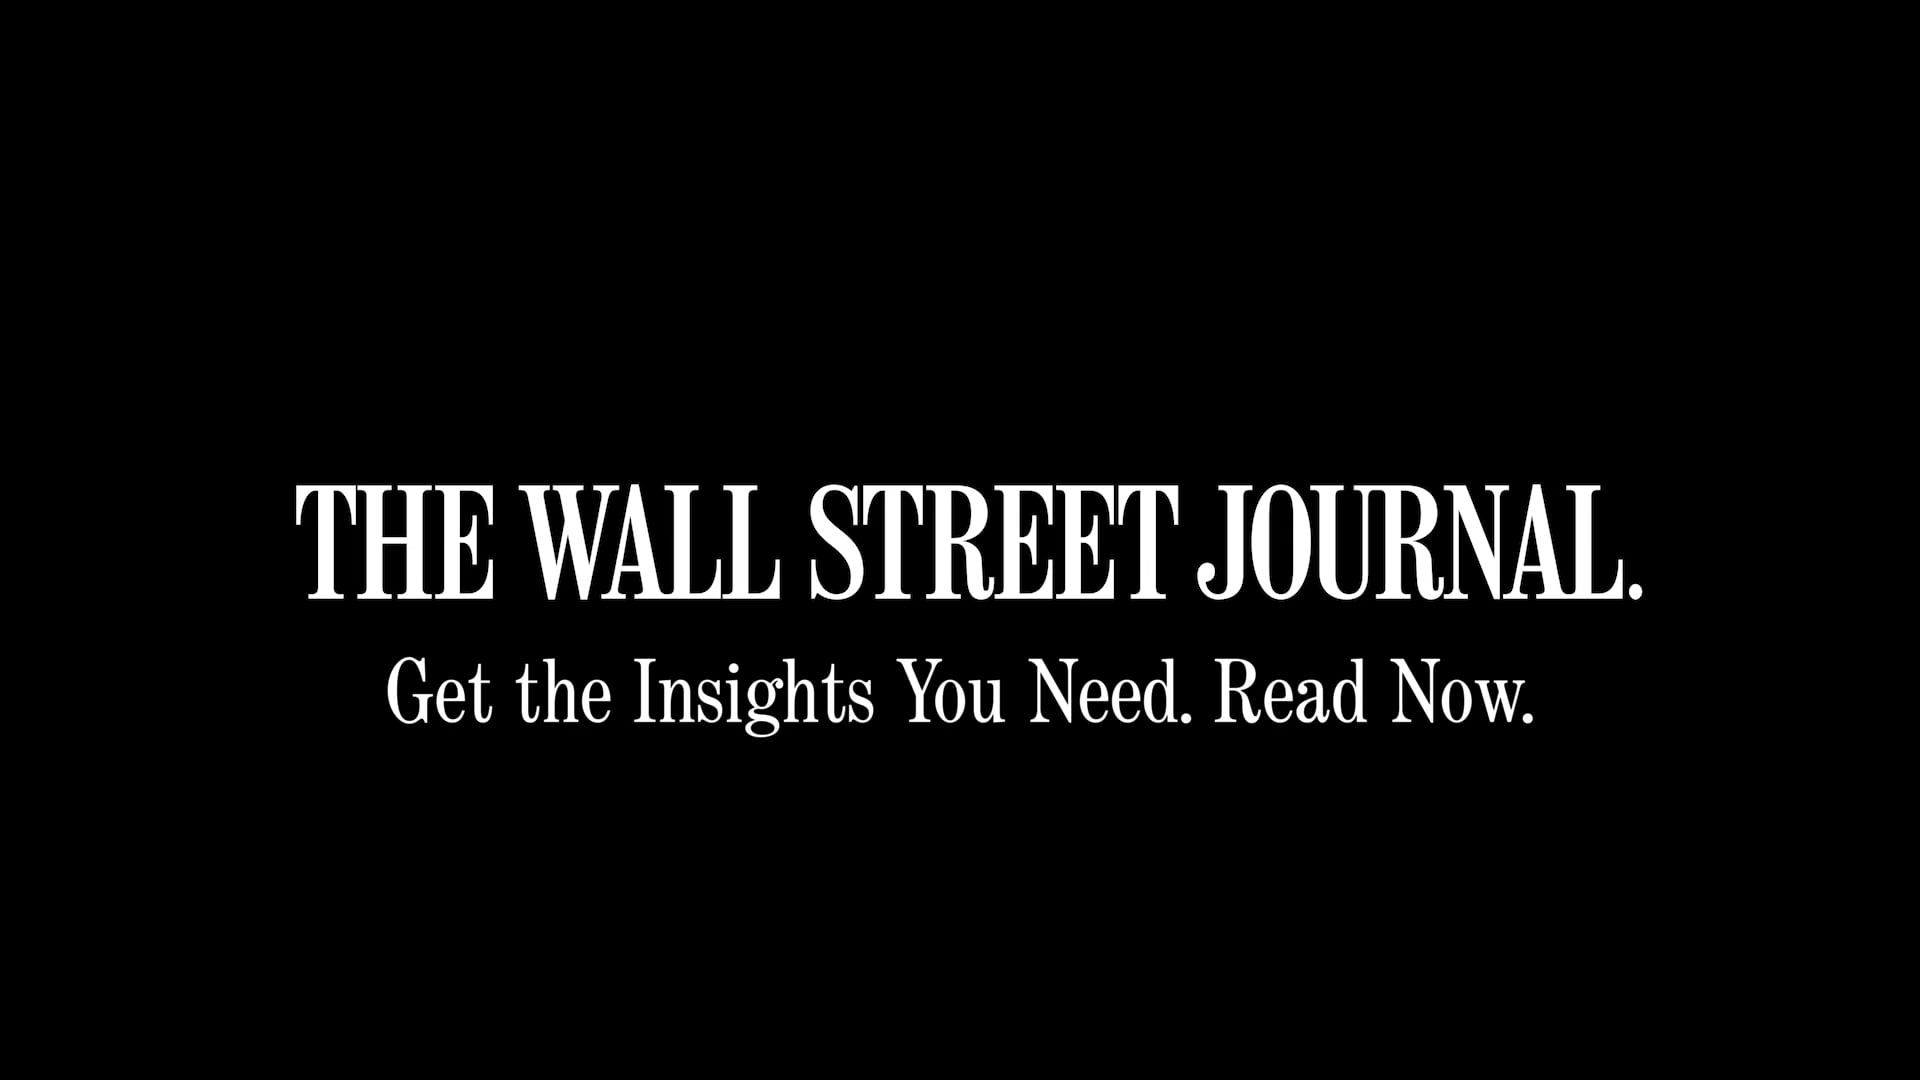 Wall Street Journal | Barbara Corcoran